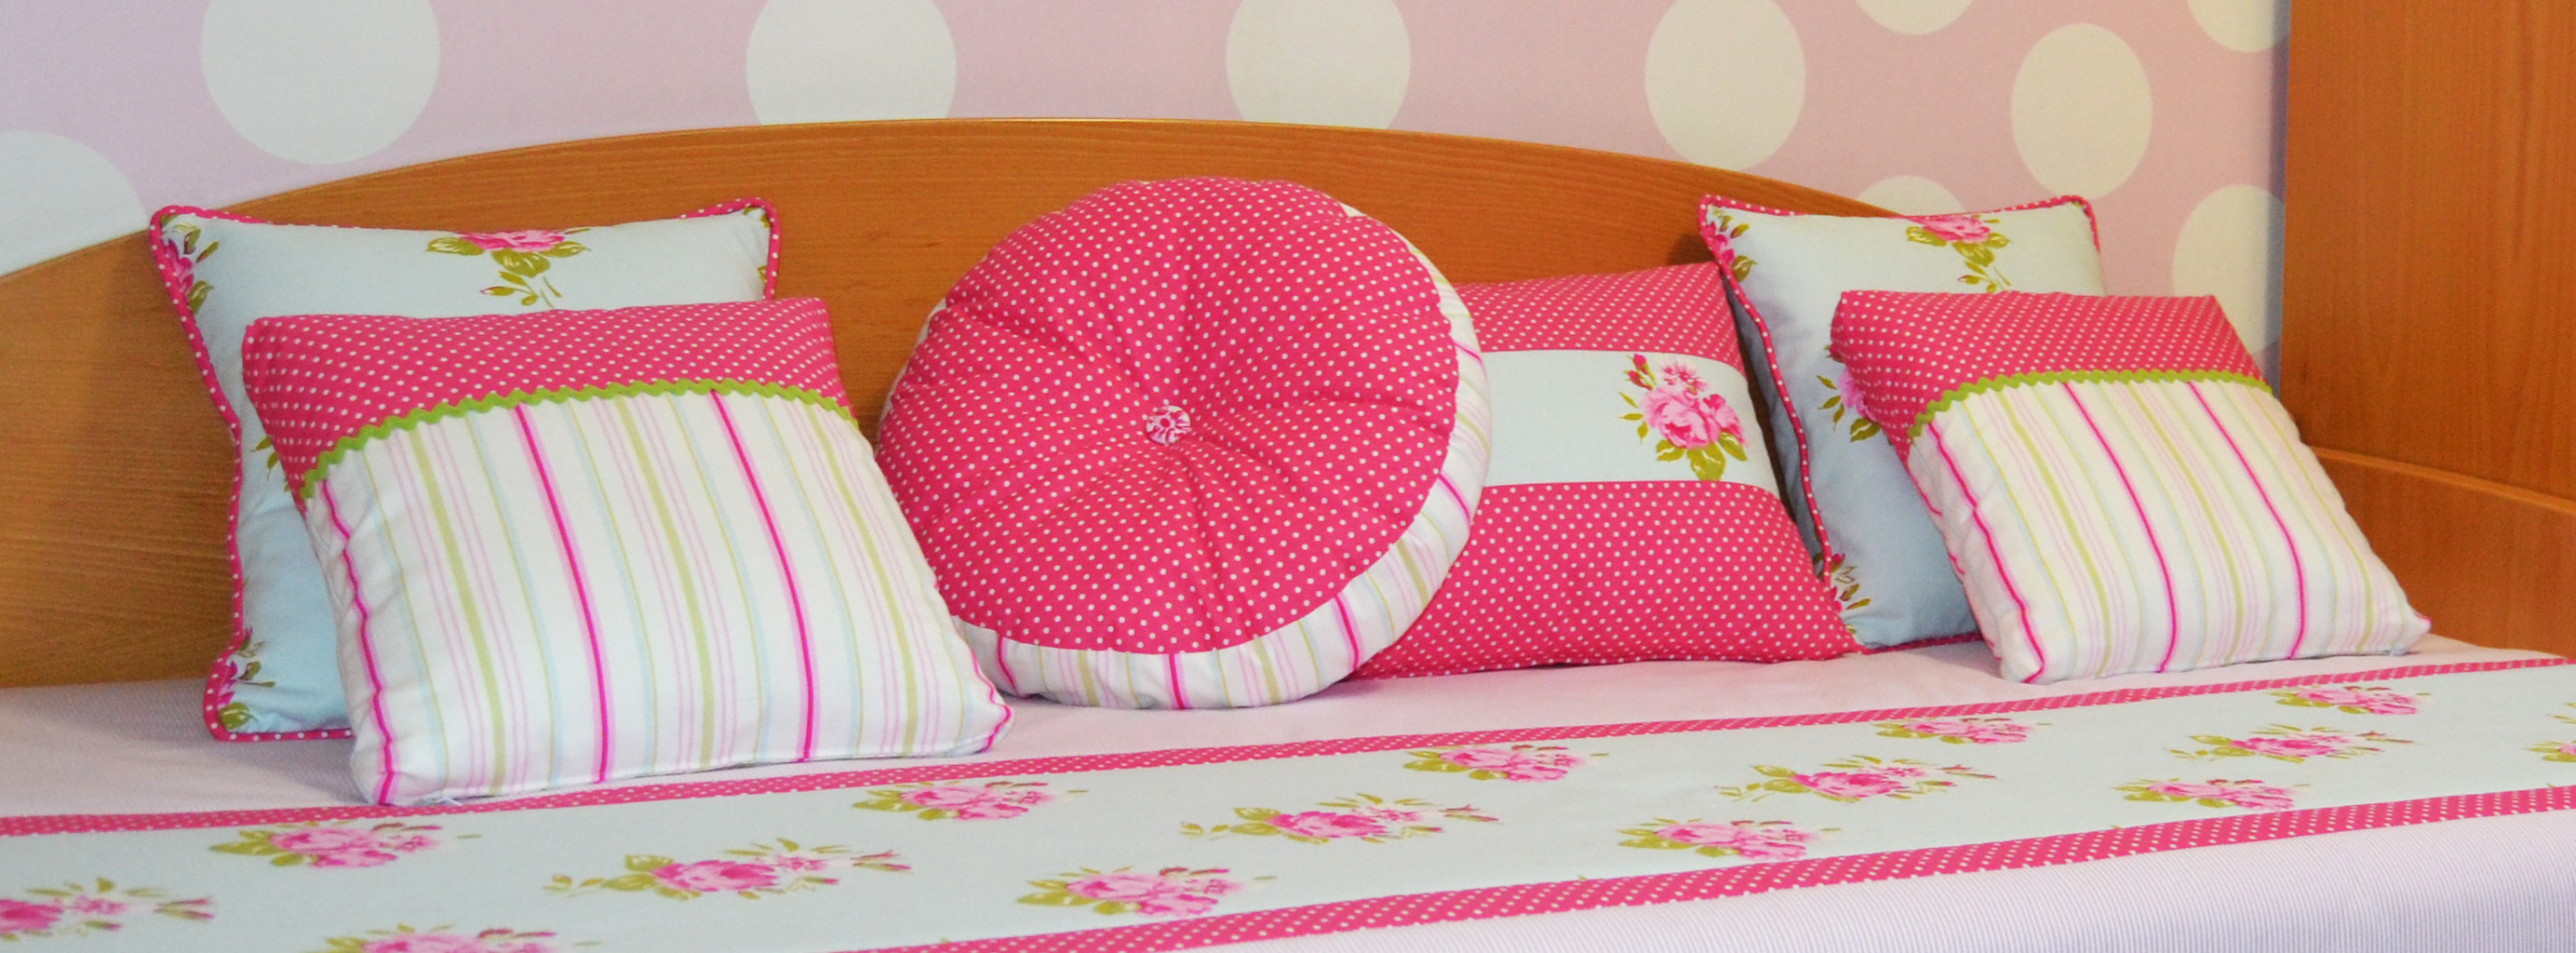 Combinando telas para un dormitorio juvenil villalba - Cojines para dormitorios juveniles ...